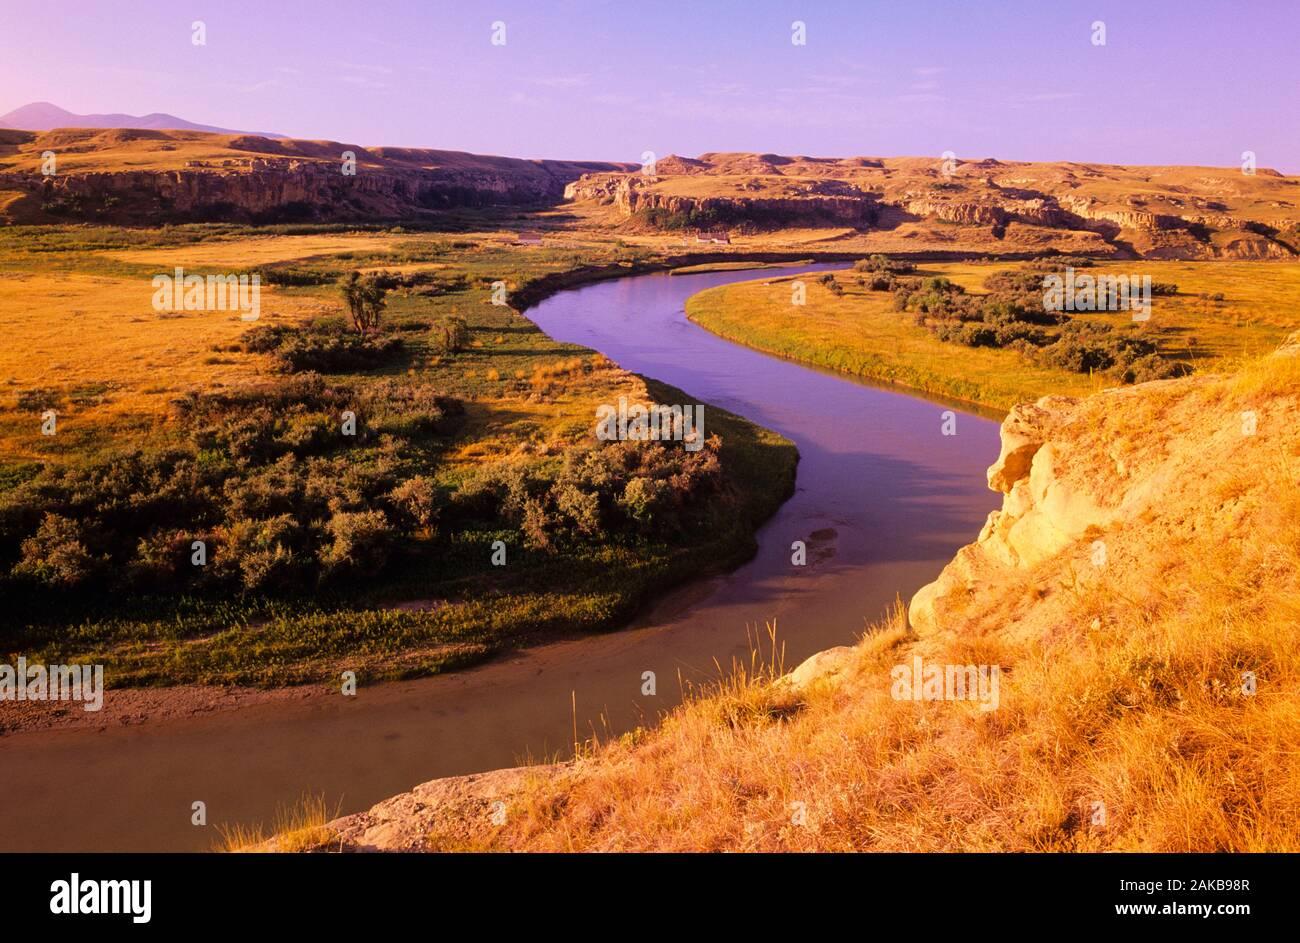 Paysage avec rivière de lait, de l'écriture sur pierre Parc Provincial. L'Alberta, Canada Banque D'Images